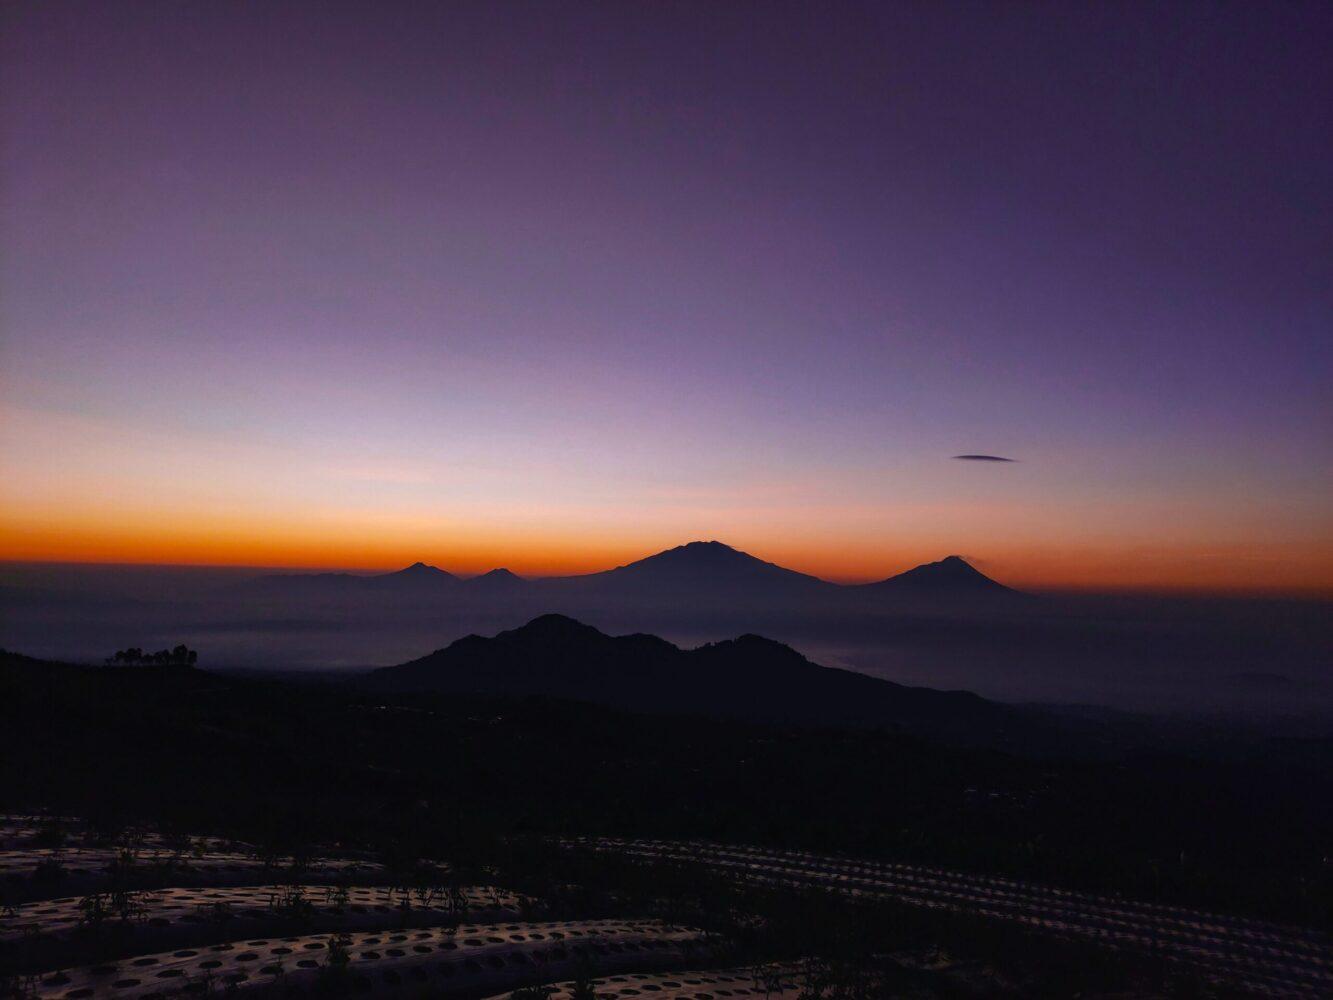 Het Gezinsleven - Vakanties - Verre Reizen - De mooiste plekken in Indonesië - Merapi op Java